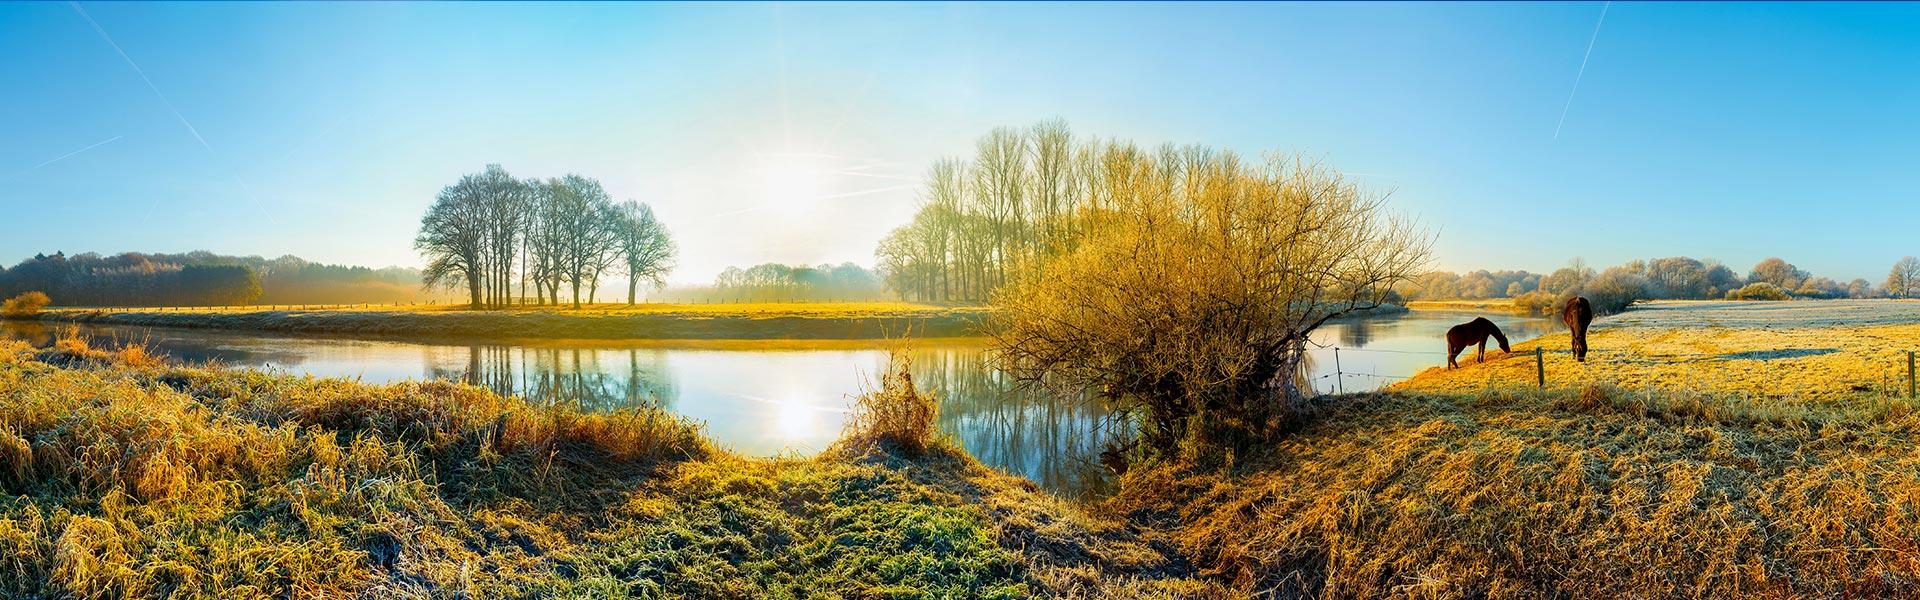 Fluss in der Natur bei Sonnenschein